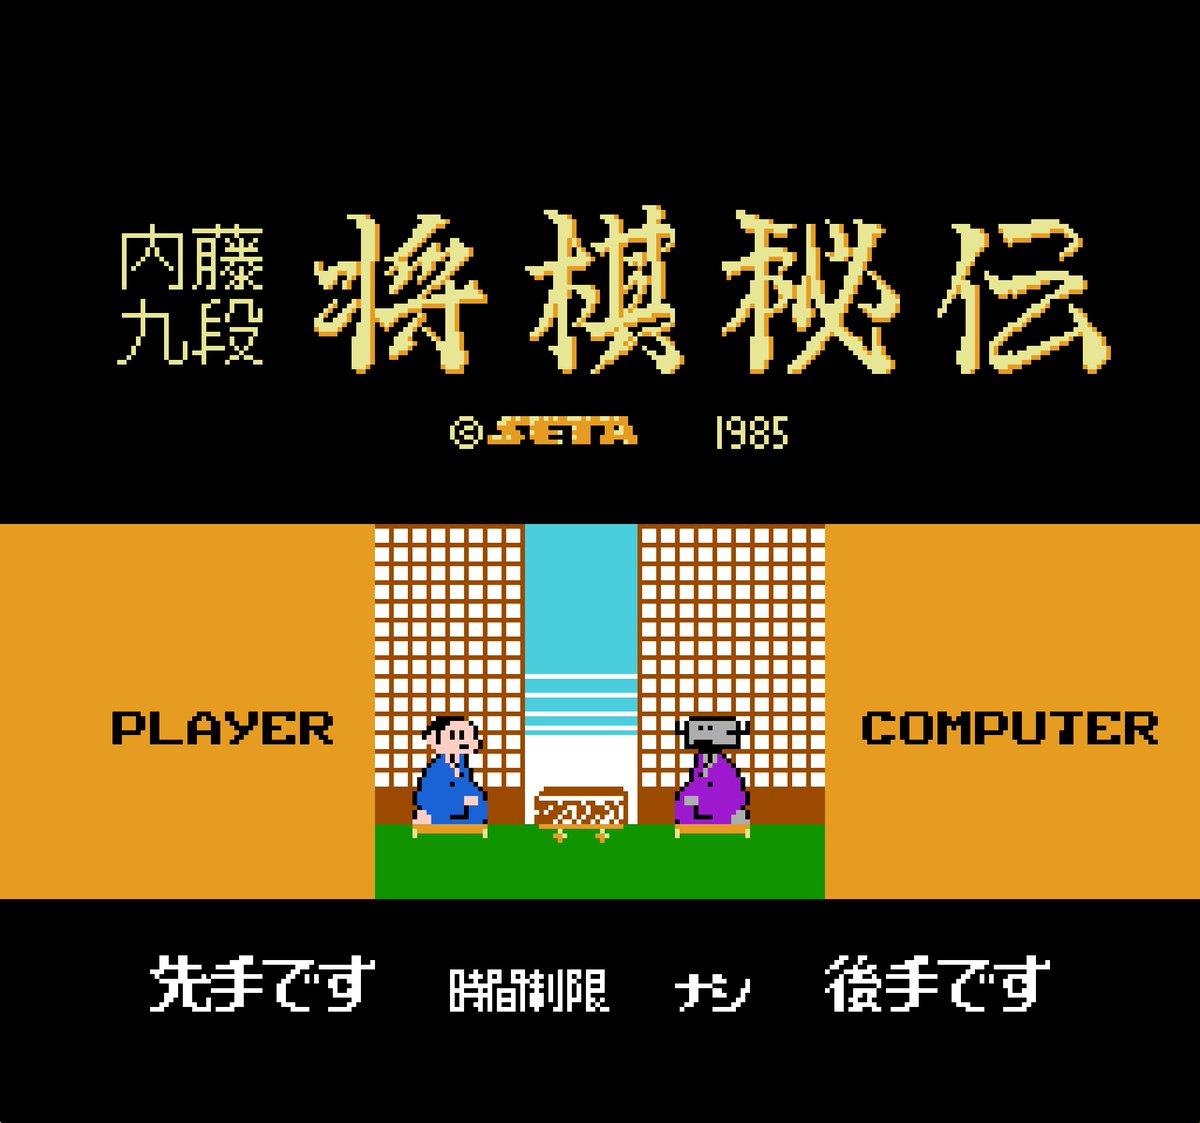 B2c3iUw - 未発表のファミコンソフトが発見される、元任天堂社員が保有